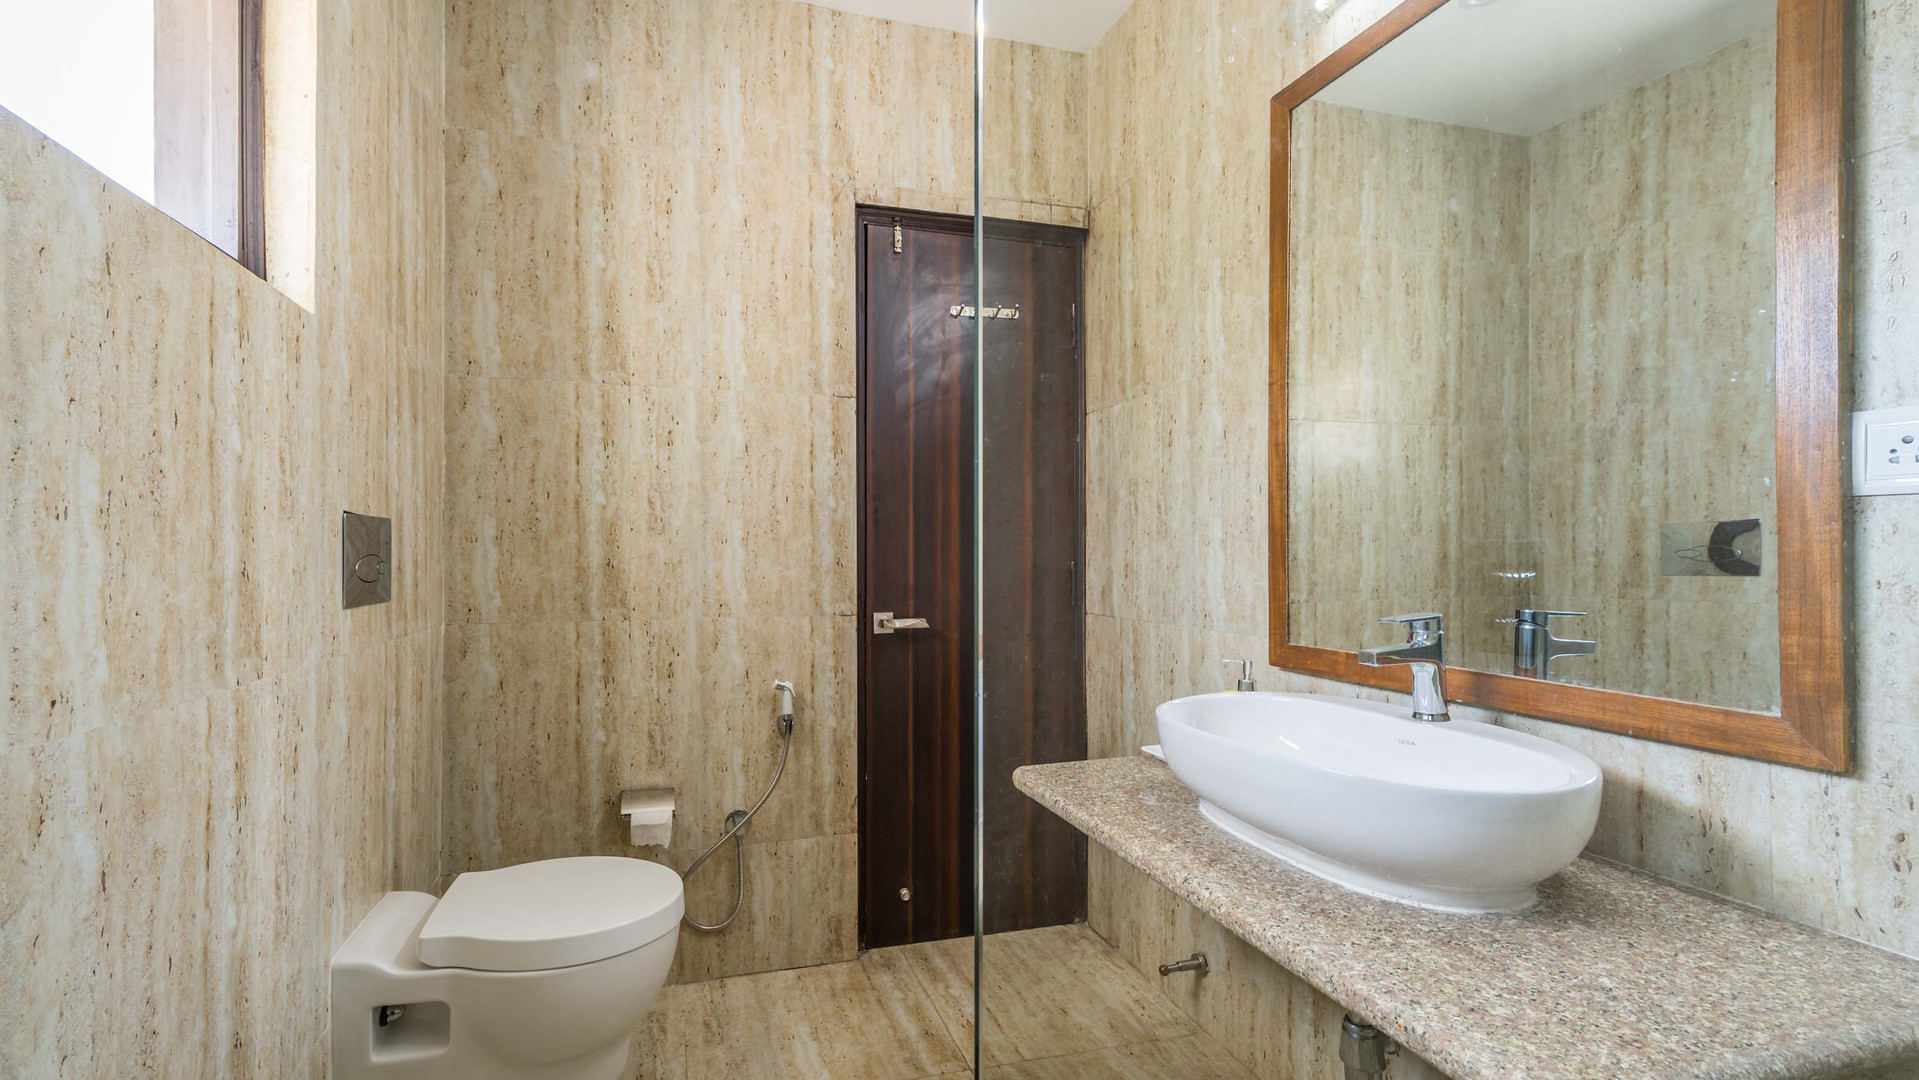 Premium-Rooms_Unbound_Boros_9.jpg